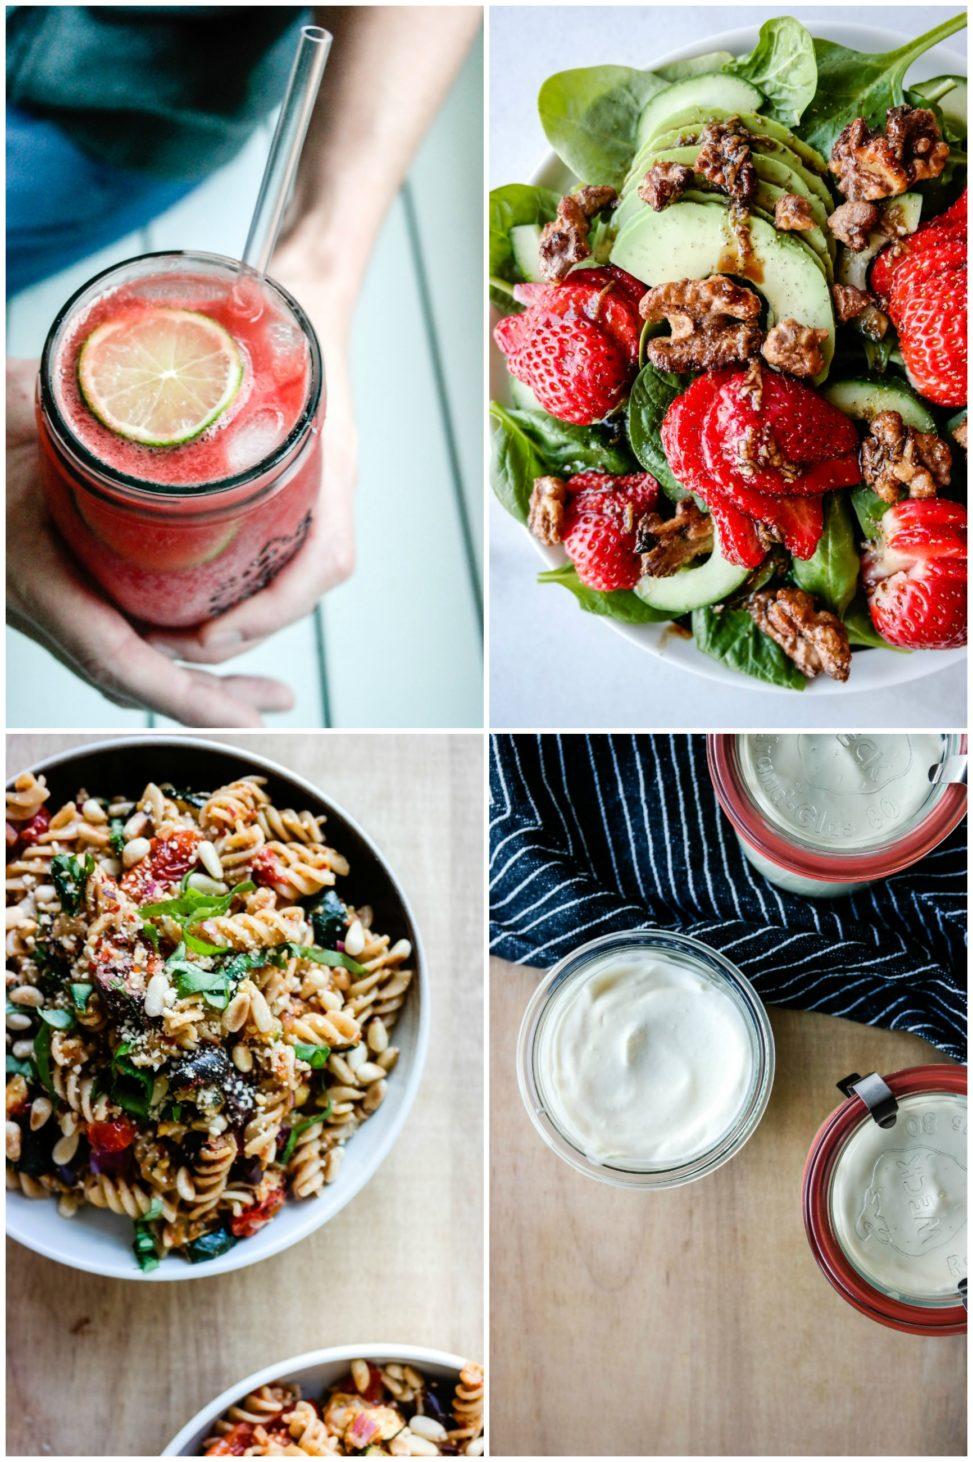 Vil du servere vegansk buffet på 17. mai? her er tre gode forslag!